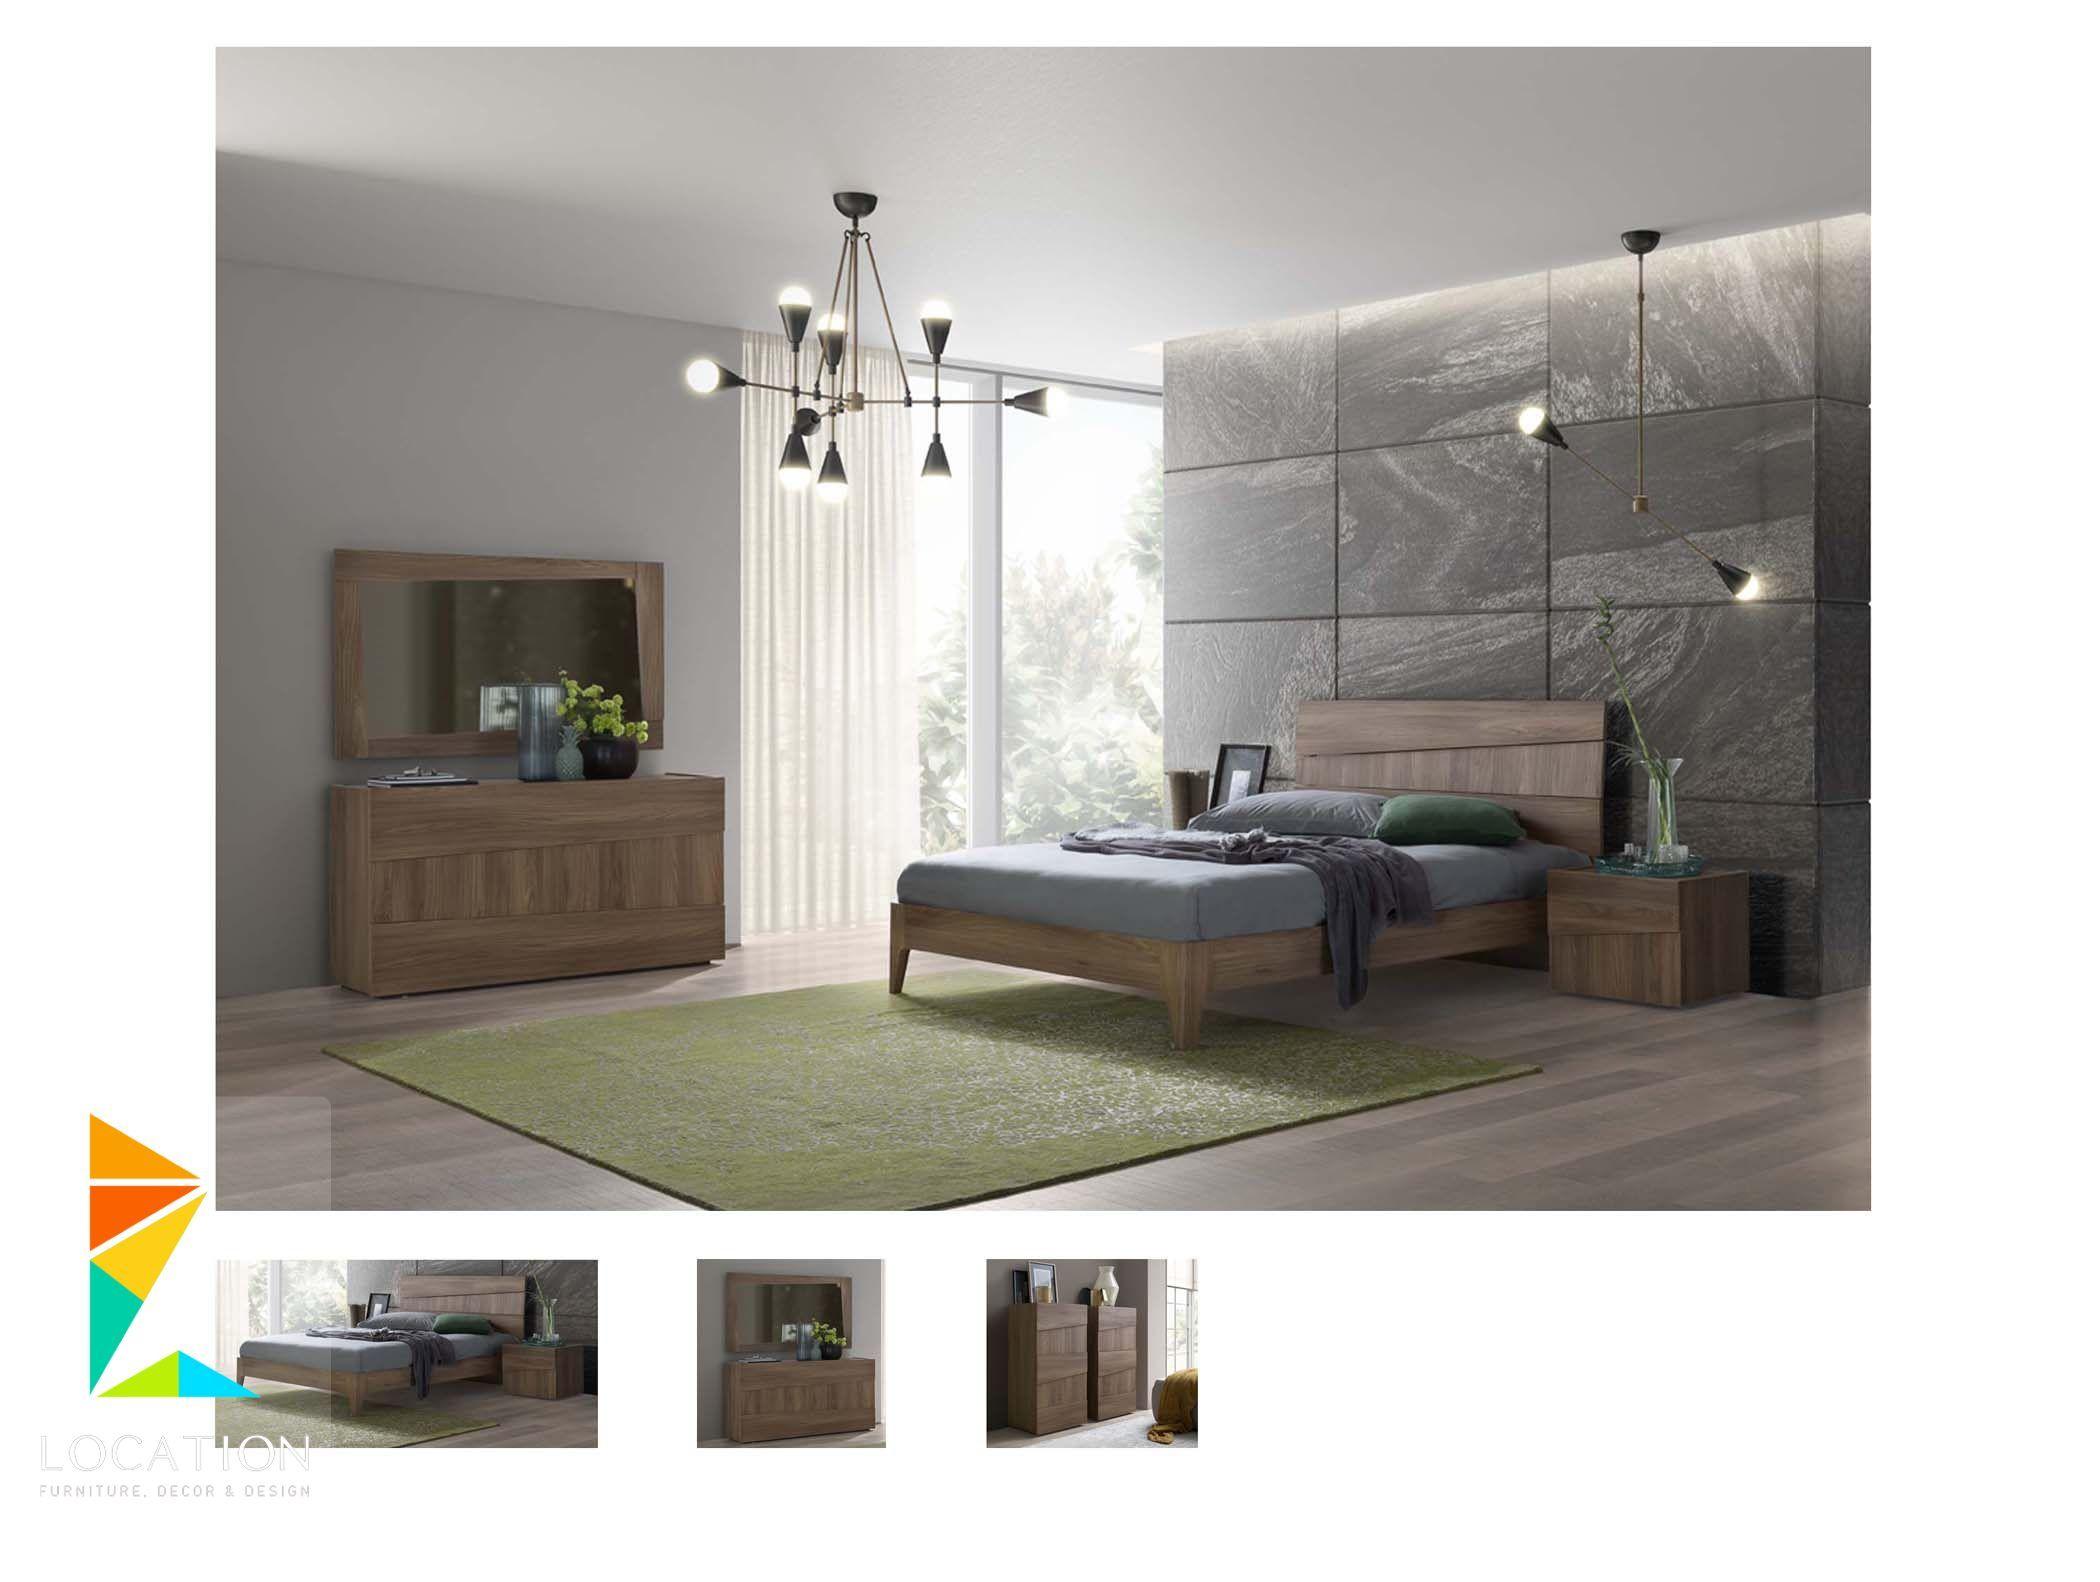 غرف نوم للعرسان مصرية 2019 2020 Walnut Bedroom Walnut Bedroom Furniture Decor